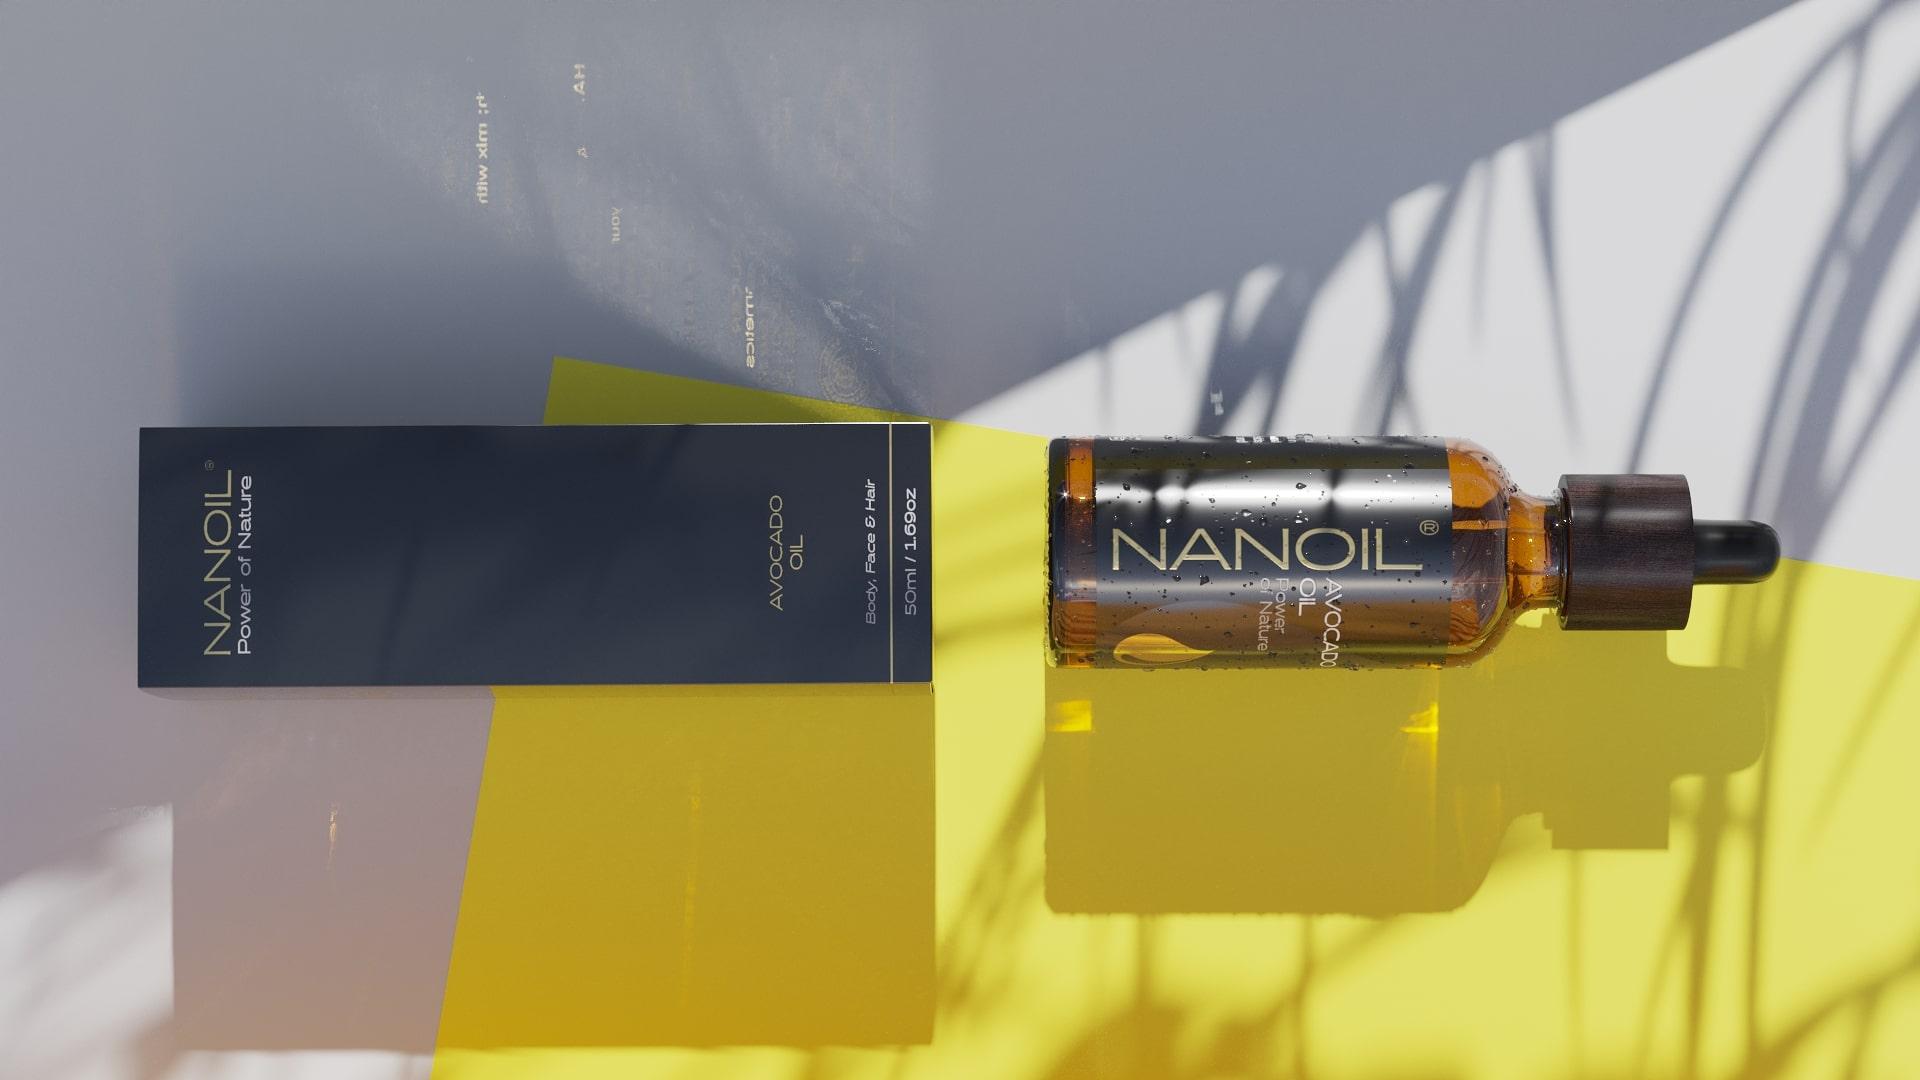 nanoil-olej-z-awokado